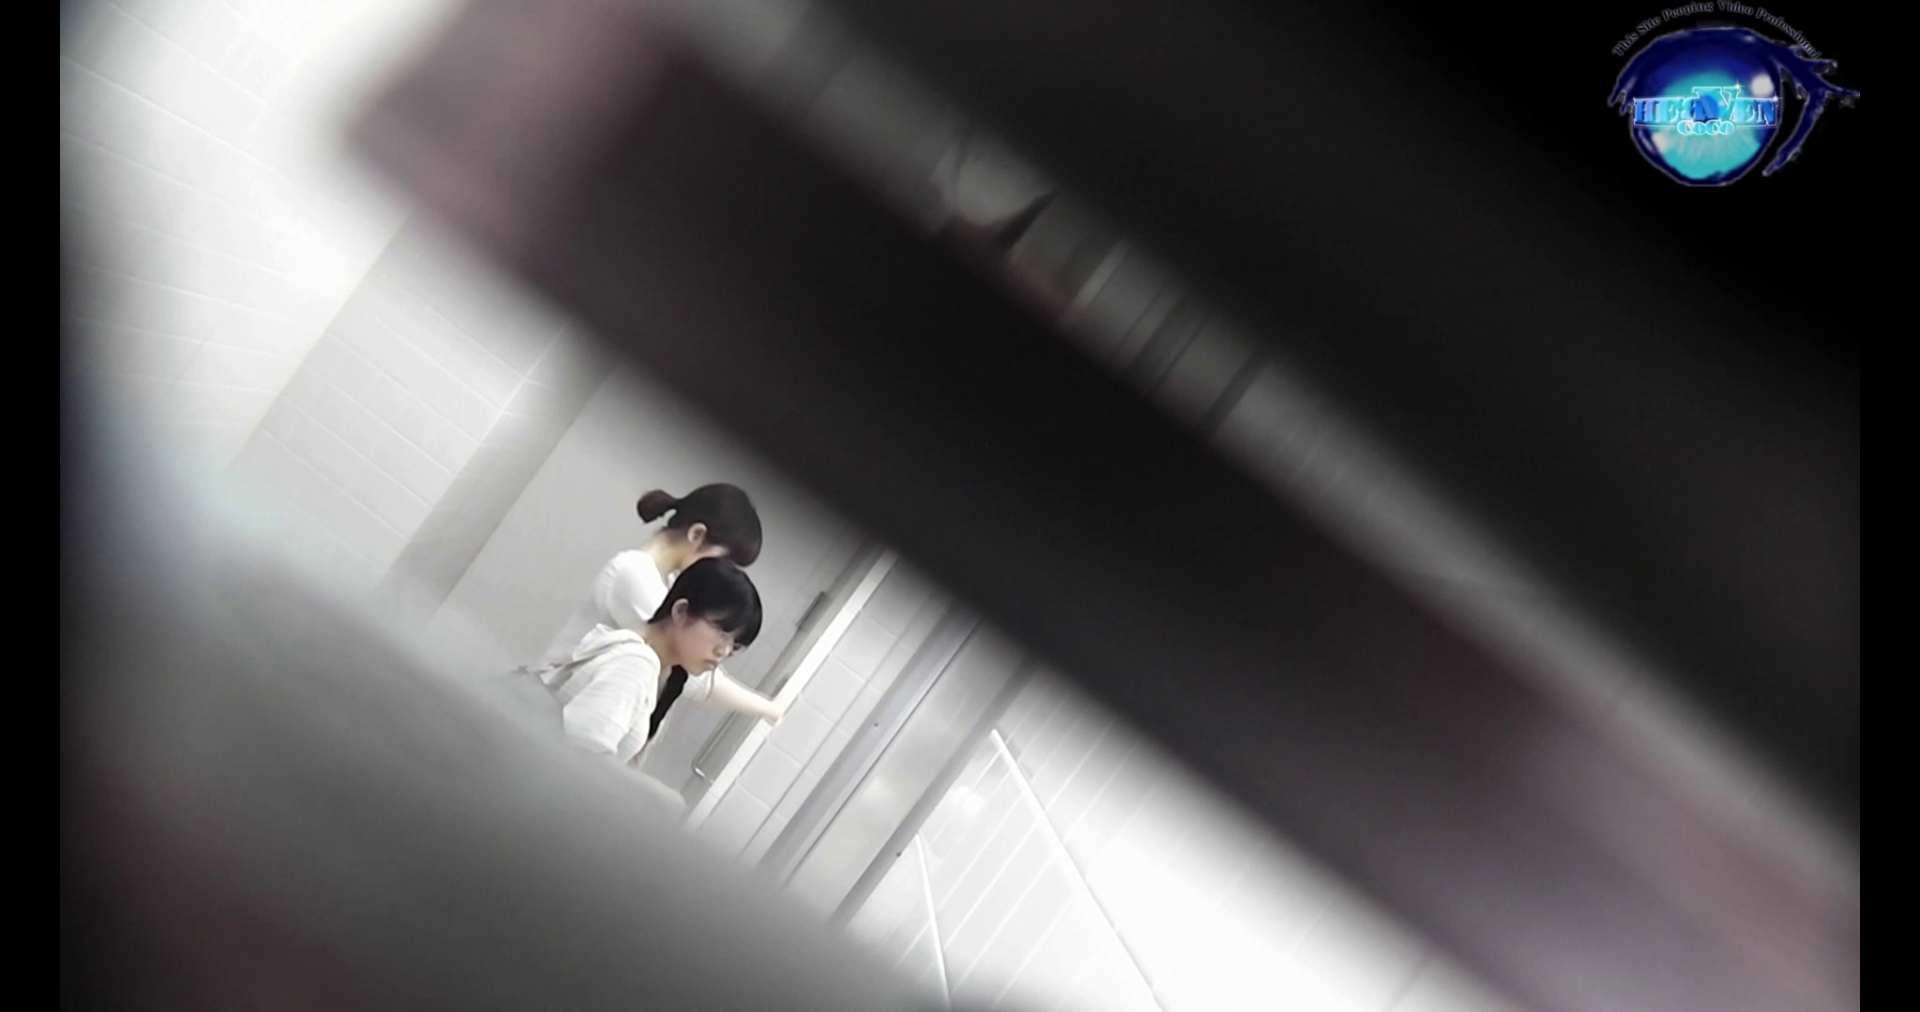 お銀さんの洗面所突入レポート!!vol.72 あのかわいい子がついフロント撮り実演 バックショット | 洗面所  9枚 1